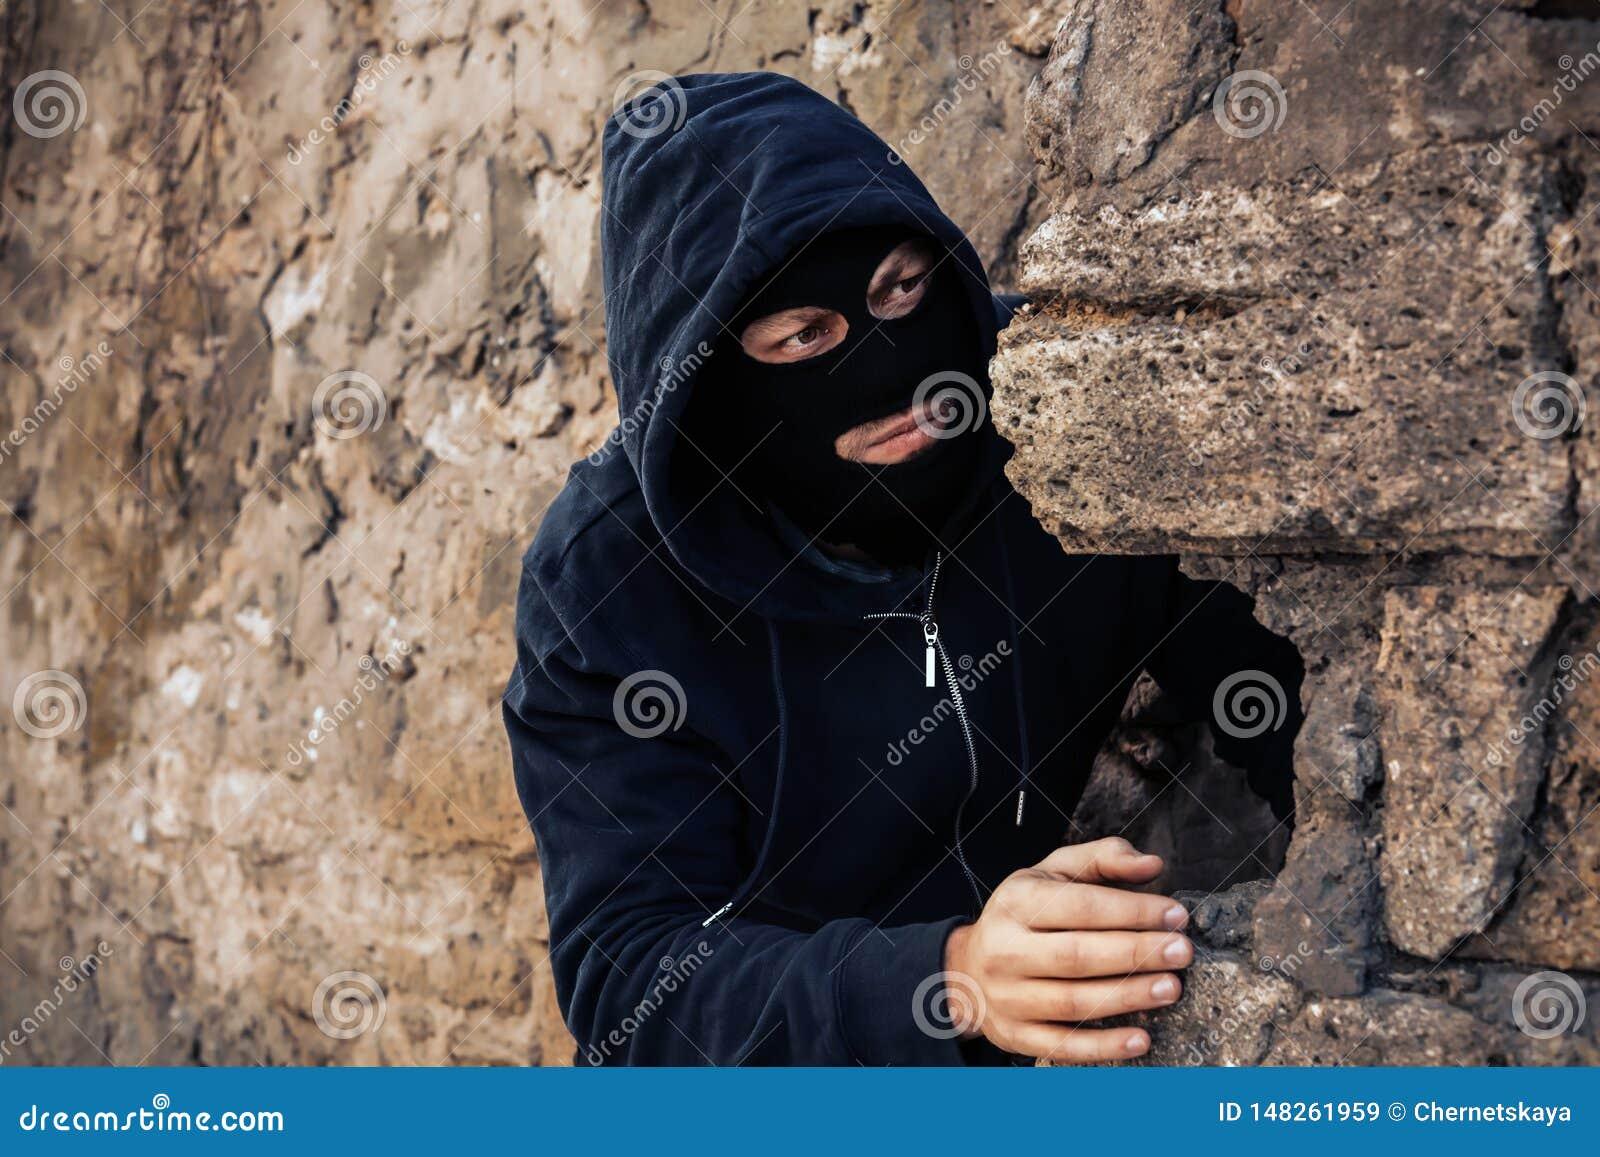 Человек в маске за каменной стеной наблюдая кто-то Преступная деятельность